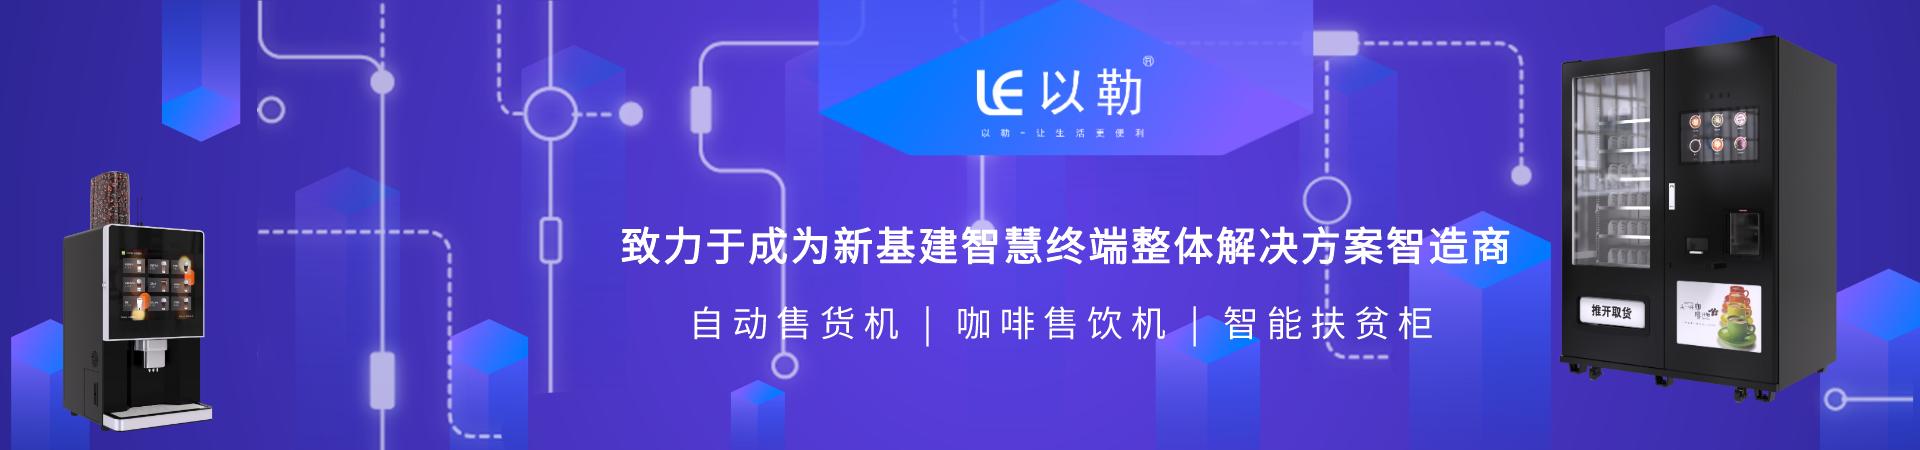 杭州以勒上云机器人科技有限公司pc顶部幻灯